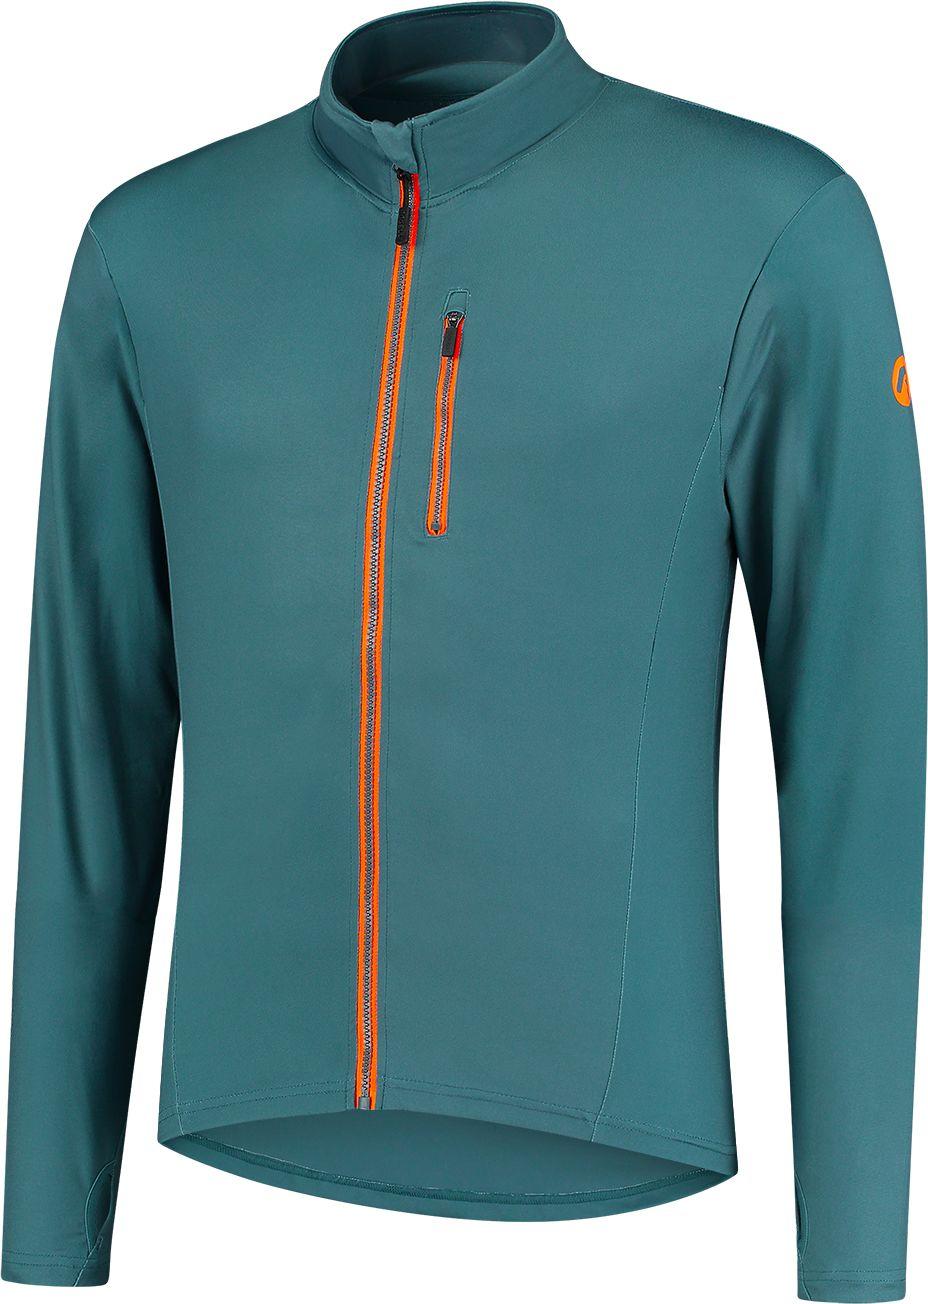 ROGELLI Bluza do biegania męska ESSENCE - niebieska Rozmiar: M,830.828.XL